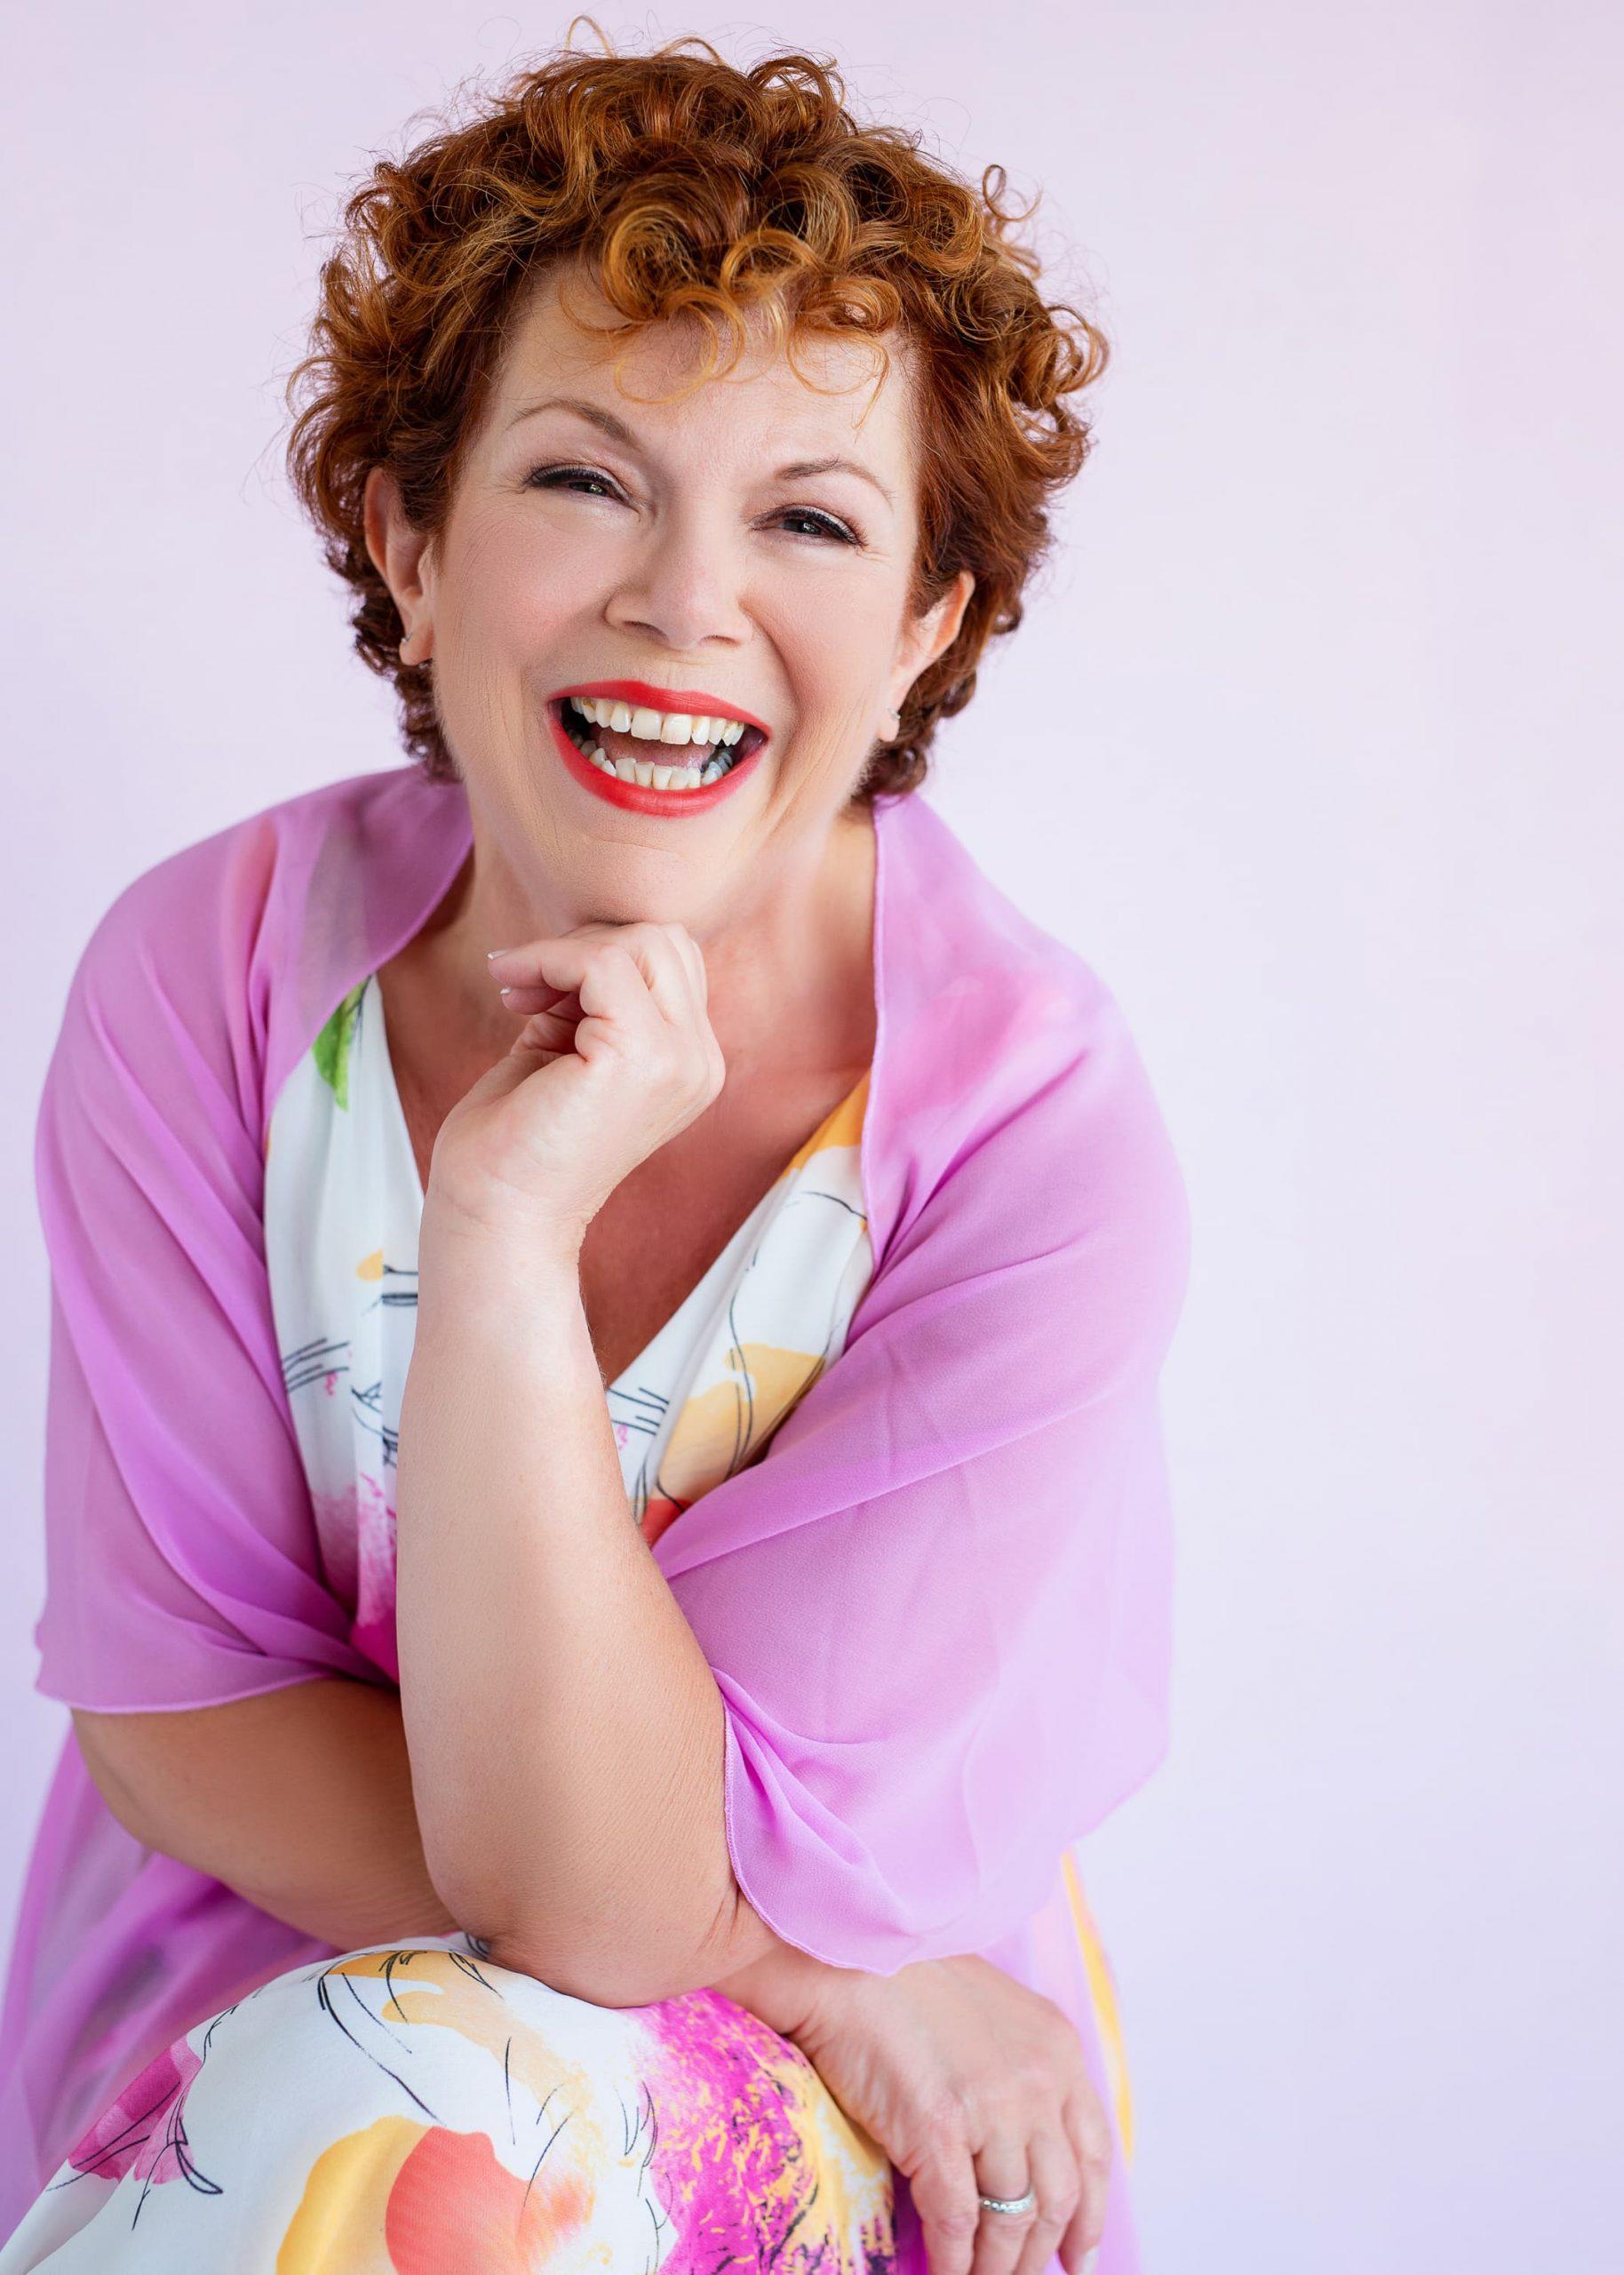 vrolijke vrouw met roze sjaal rode lippenstift en korte rode krullen